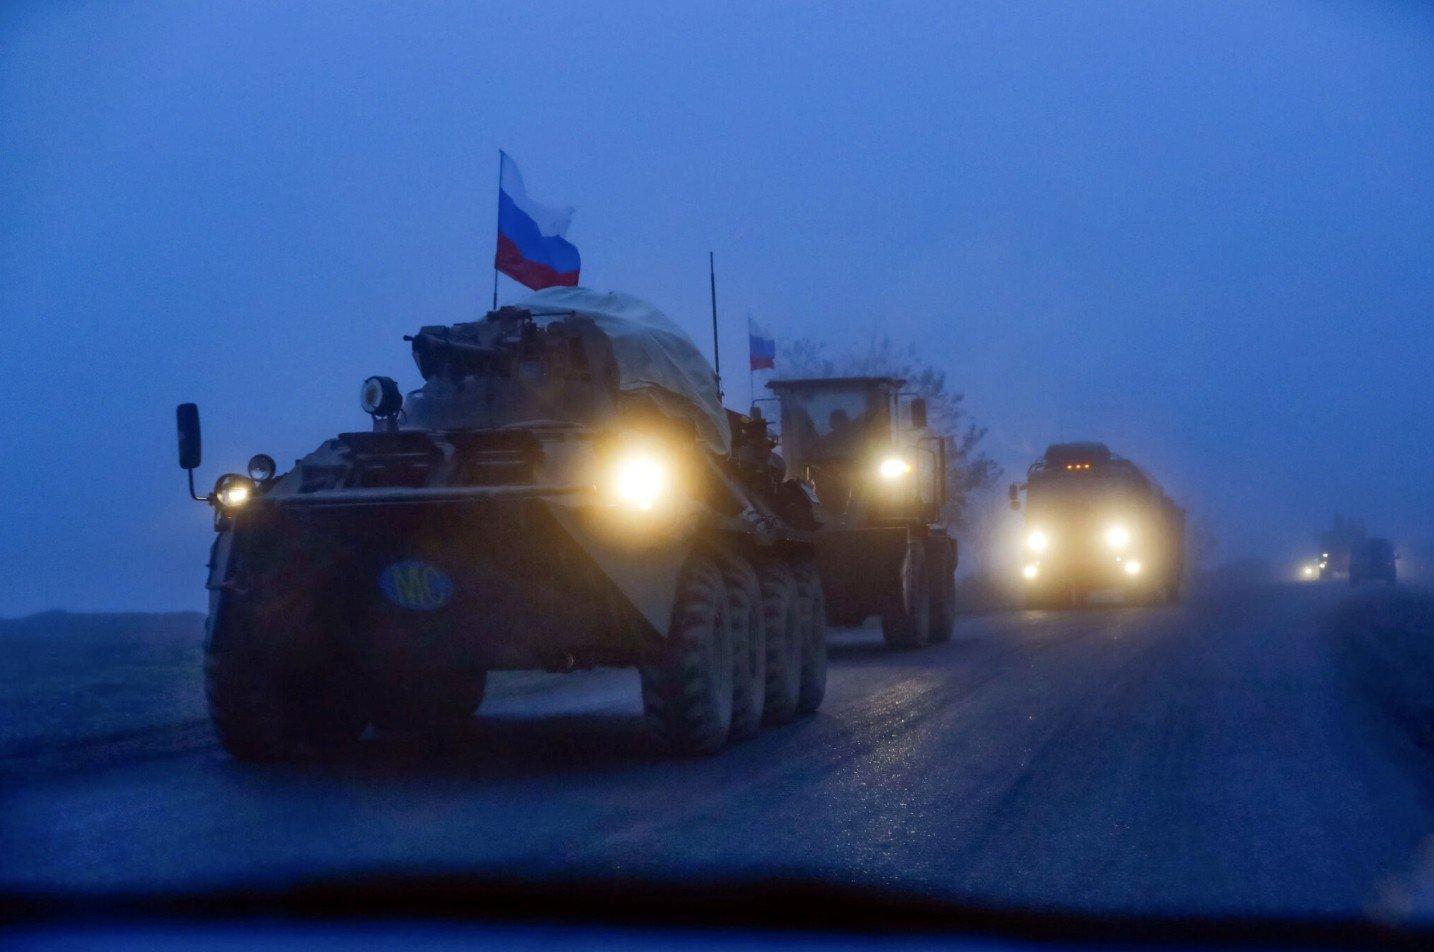 كيف يقتلنا الانحياز: صراع الحدود بين أذربيجان وأرمينيا